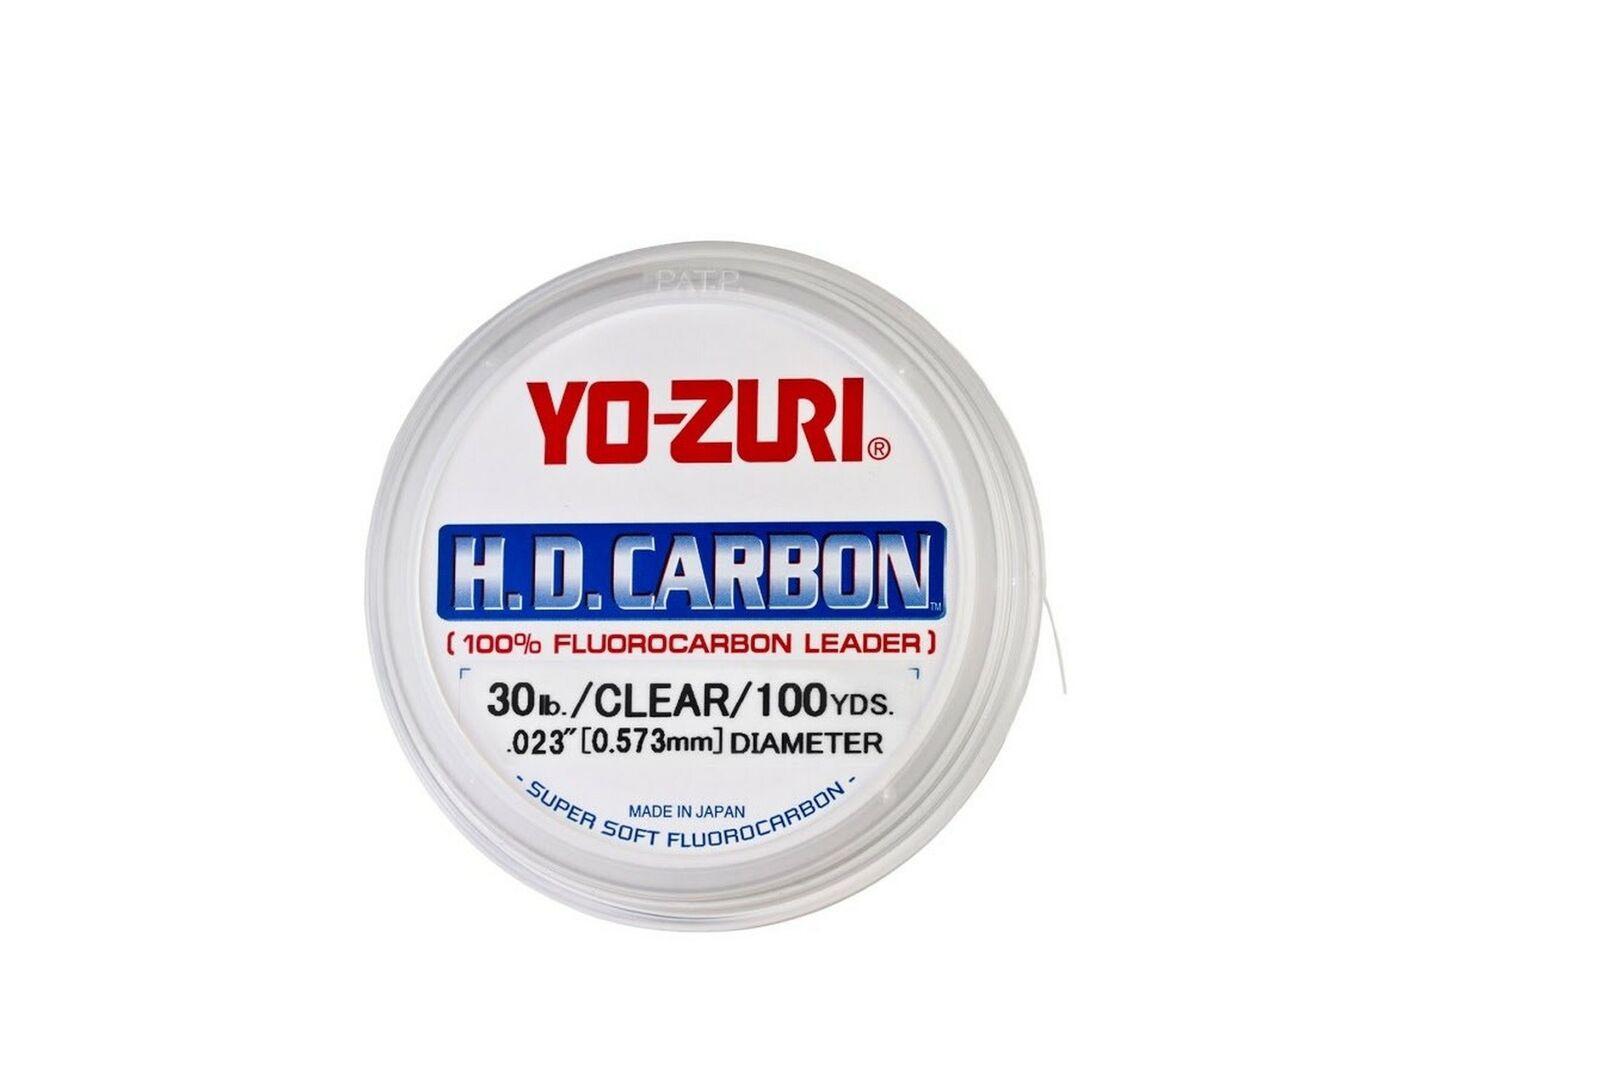 H.D.CARBON FLUOROCABON 30YDS 30LBS